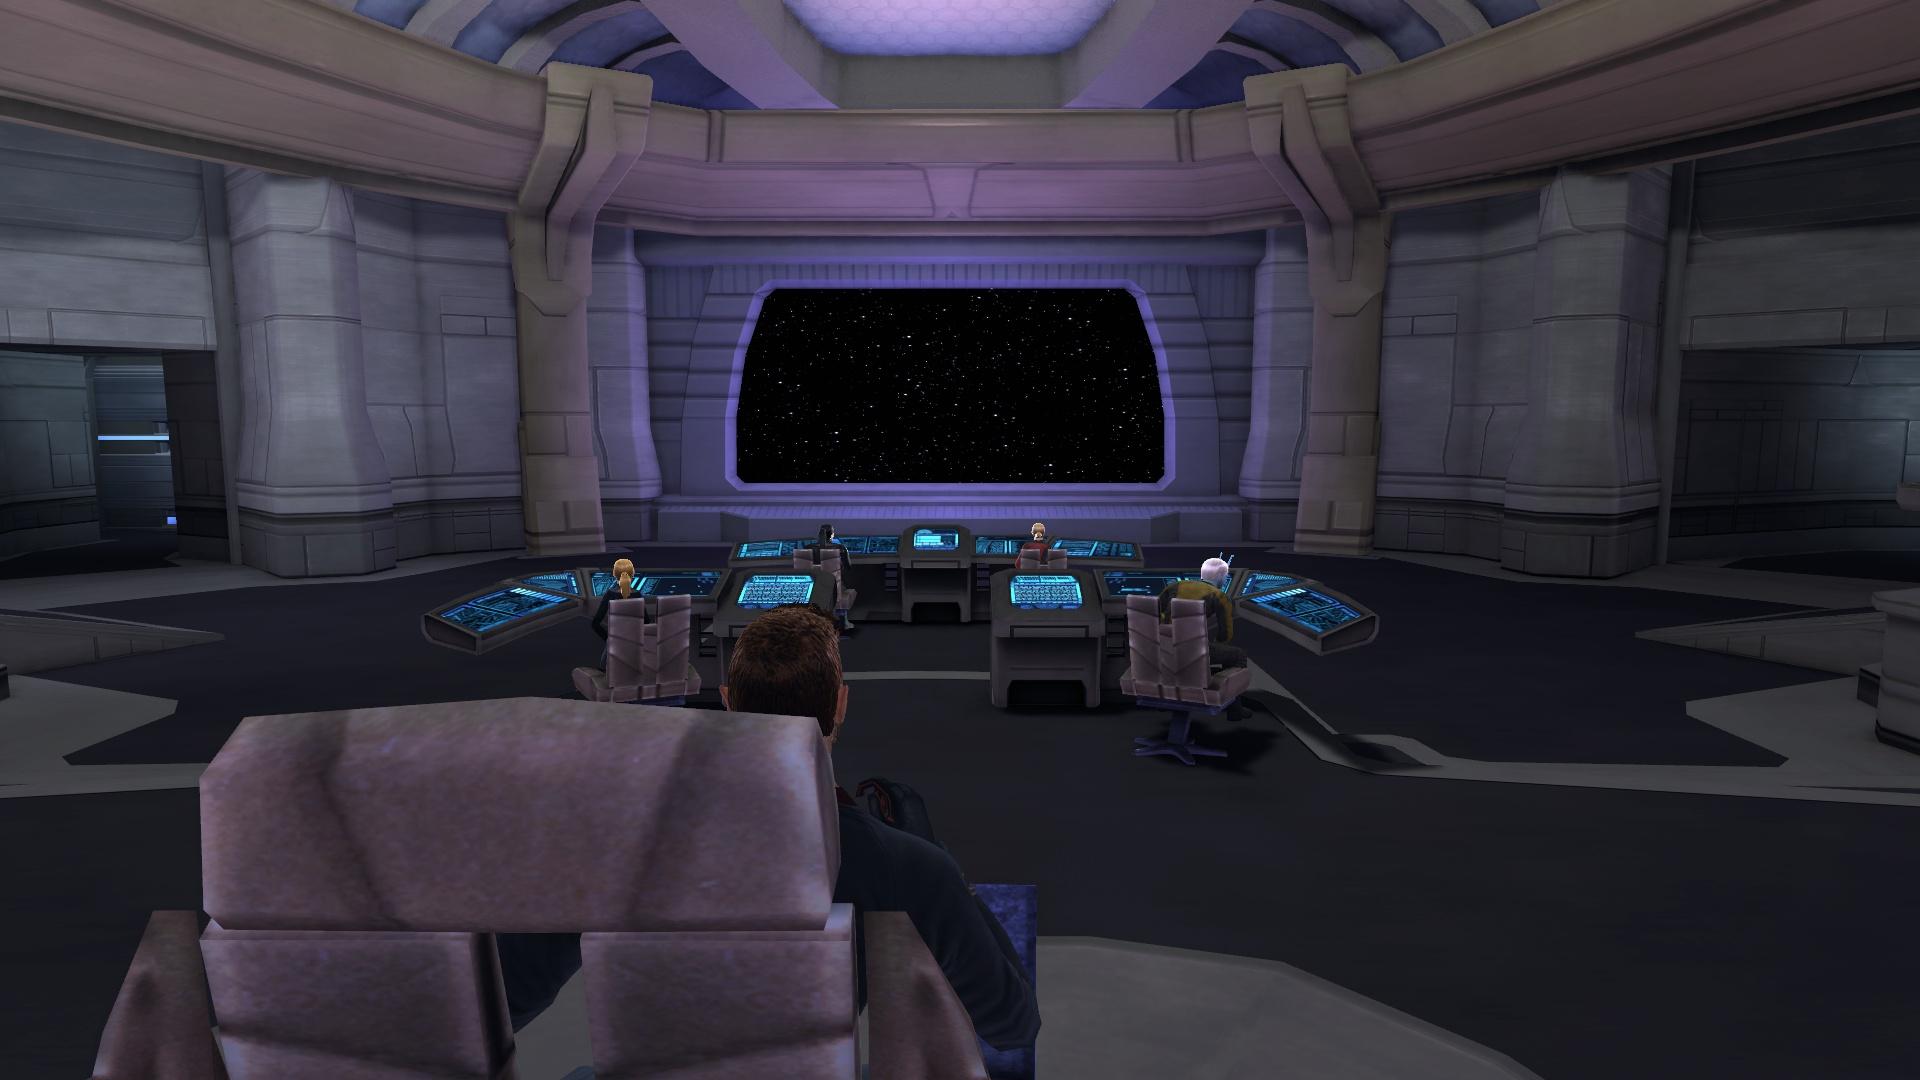 Wallpaper Galaxy 3d Sto Wallpaper Star Trek Online Academy